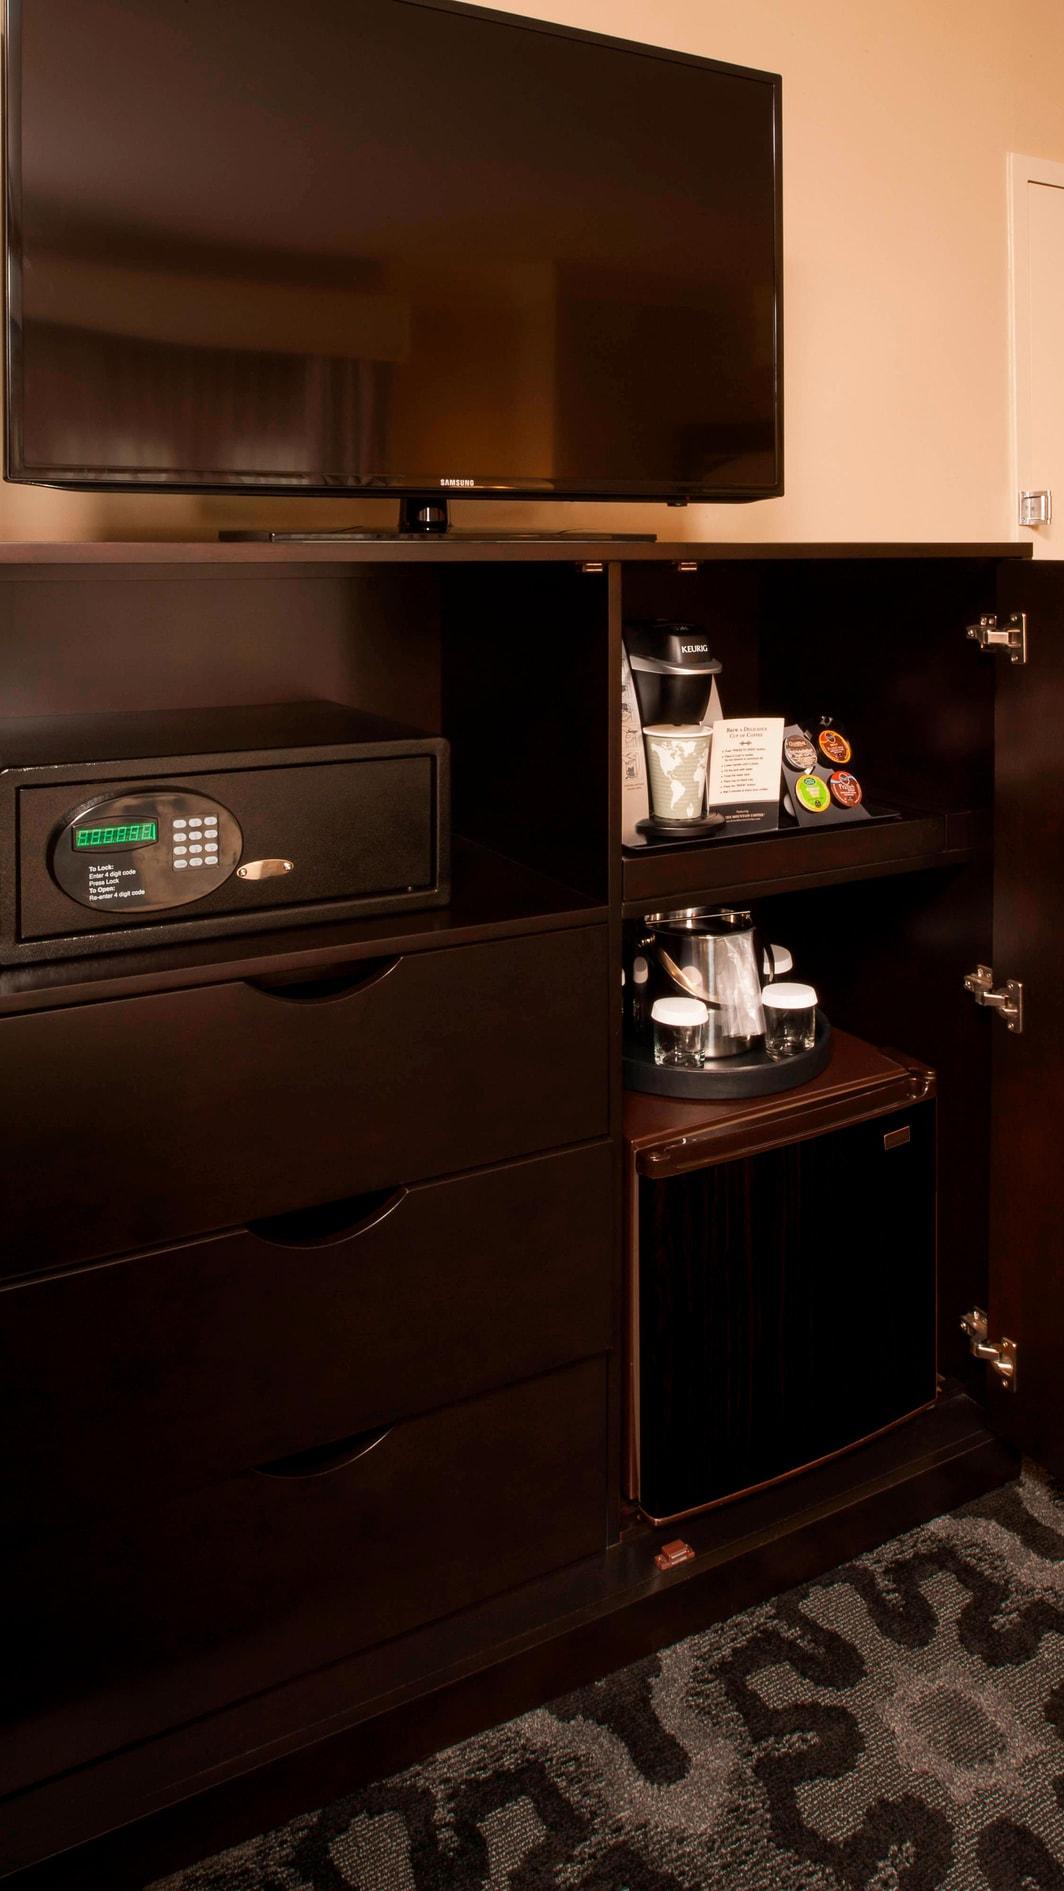 Keurig coffee, in room safe